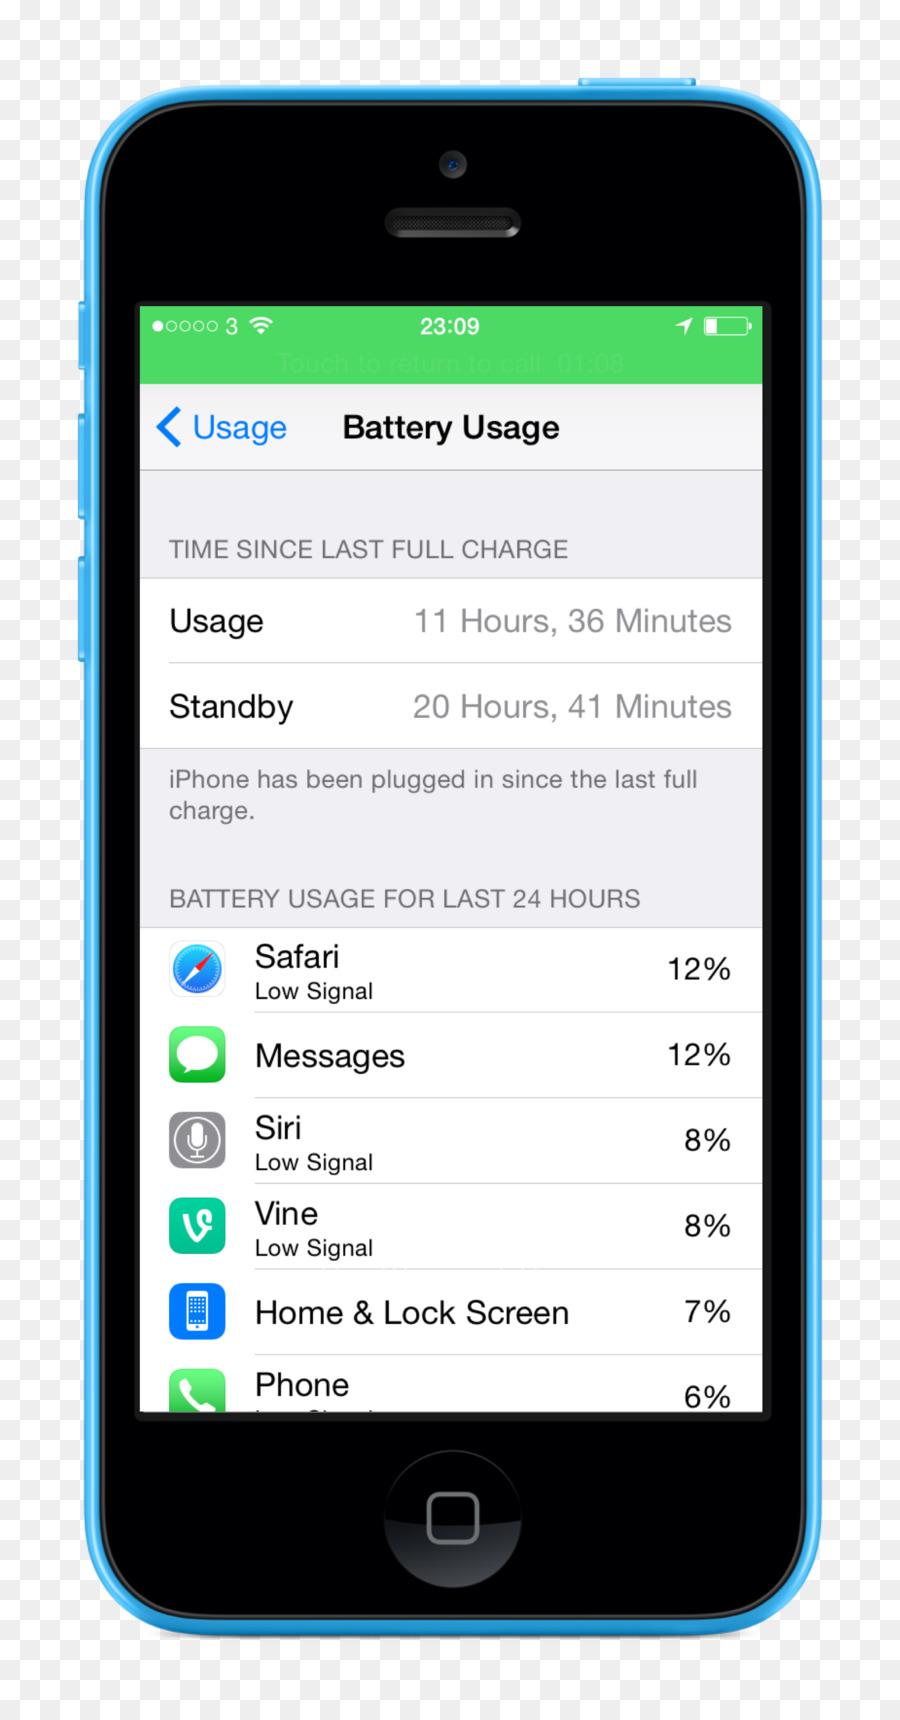 Скачать iphone sdk разработка приложений программа символы скачать